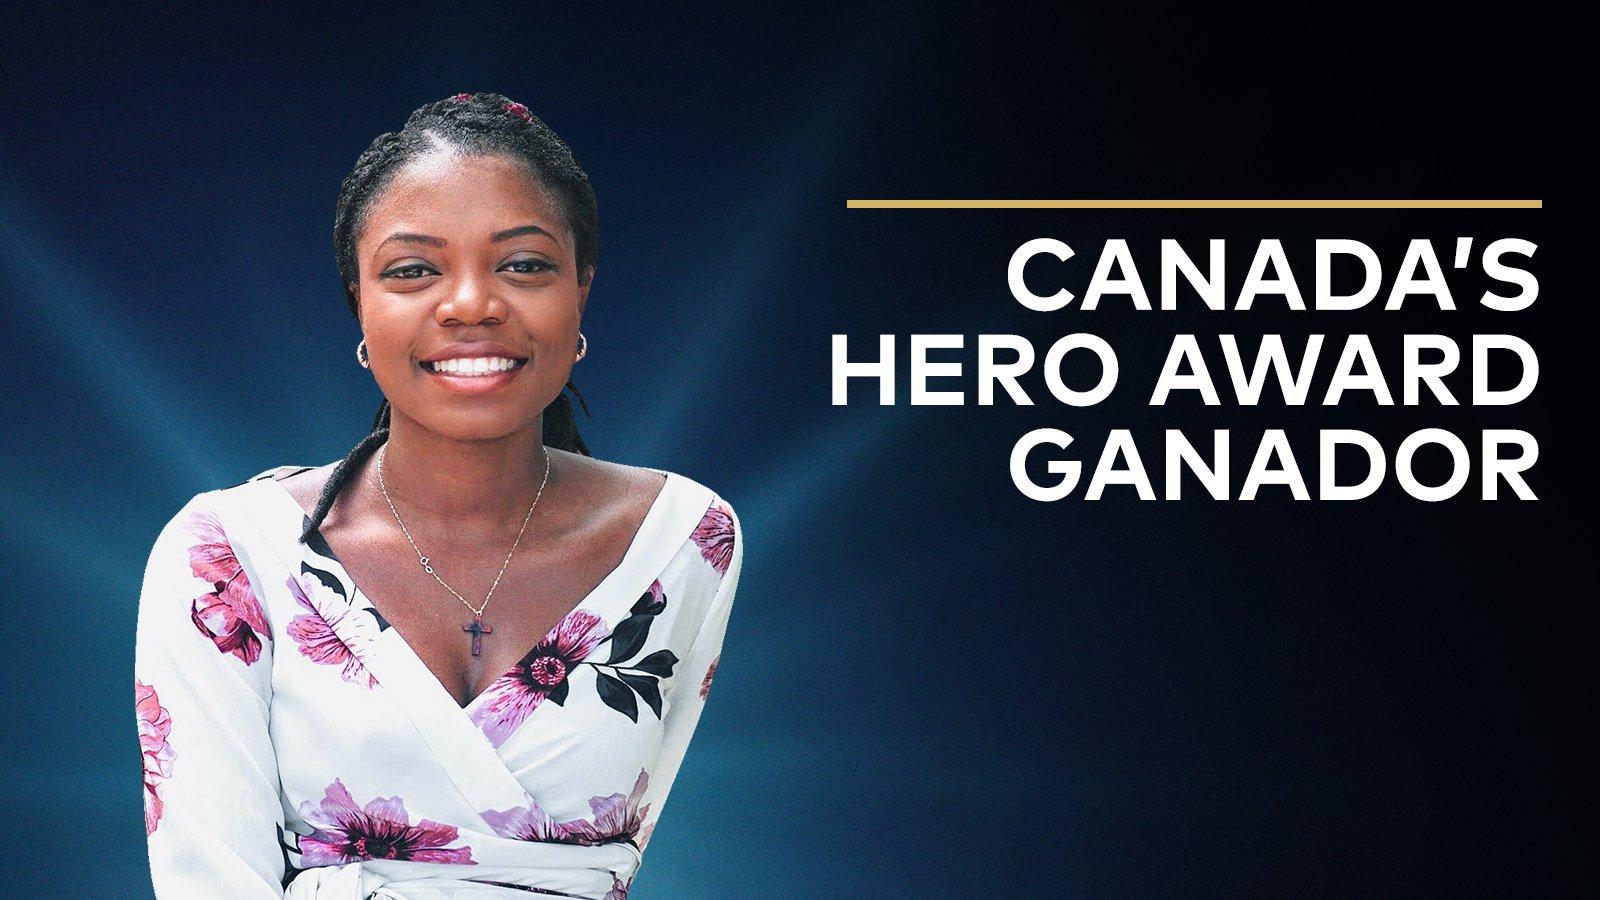 Canada's Hero Award